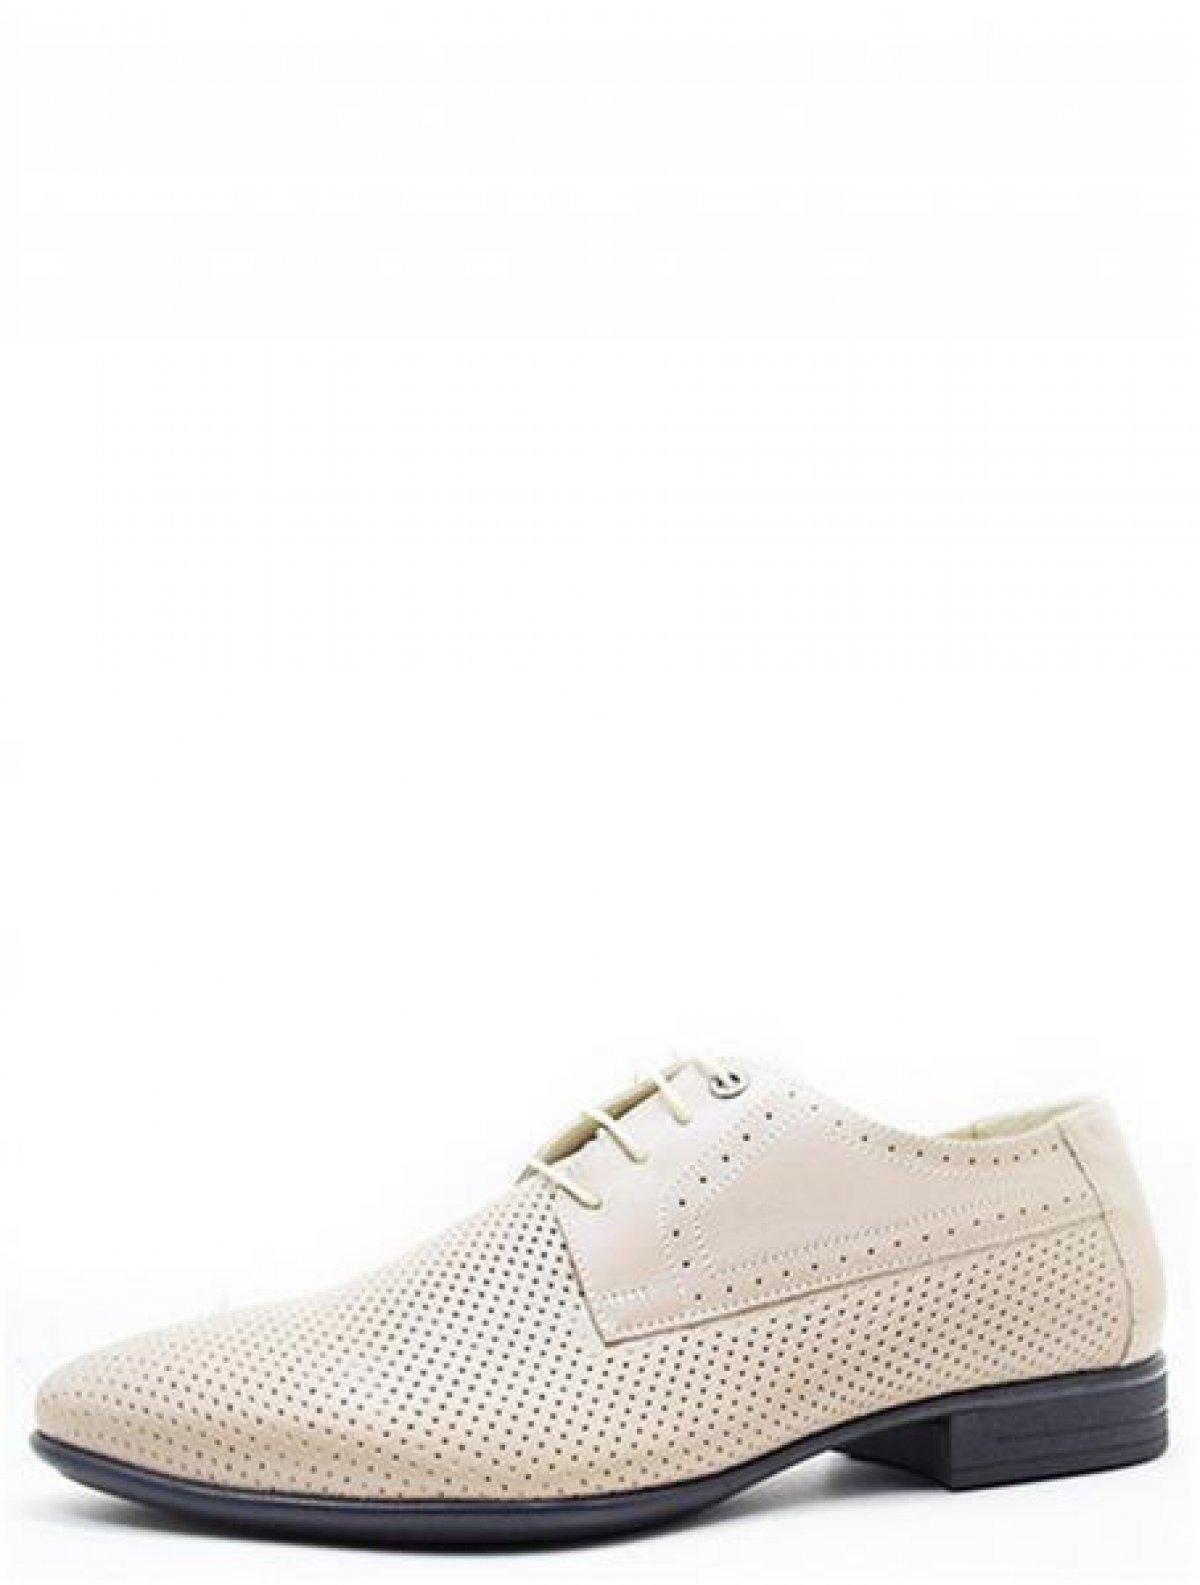 EDERRO 63746133 мужские туфли